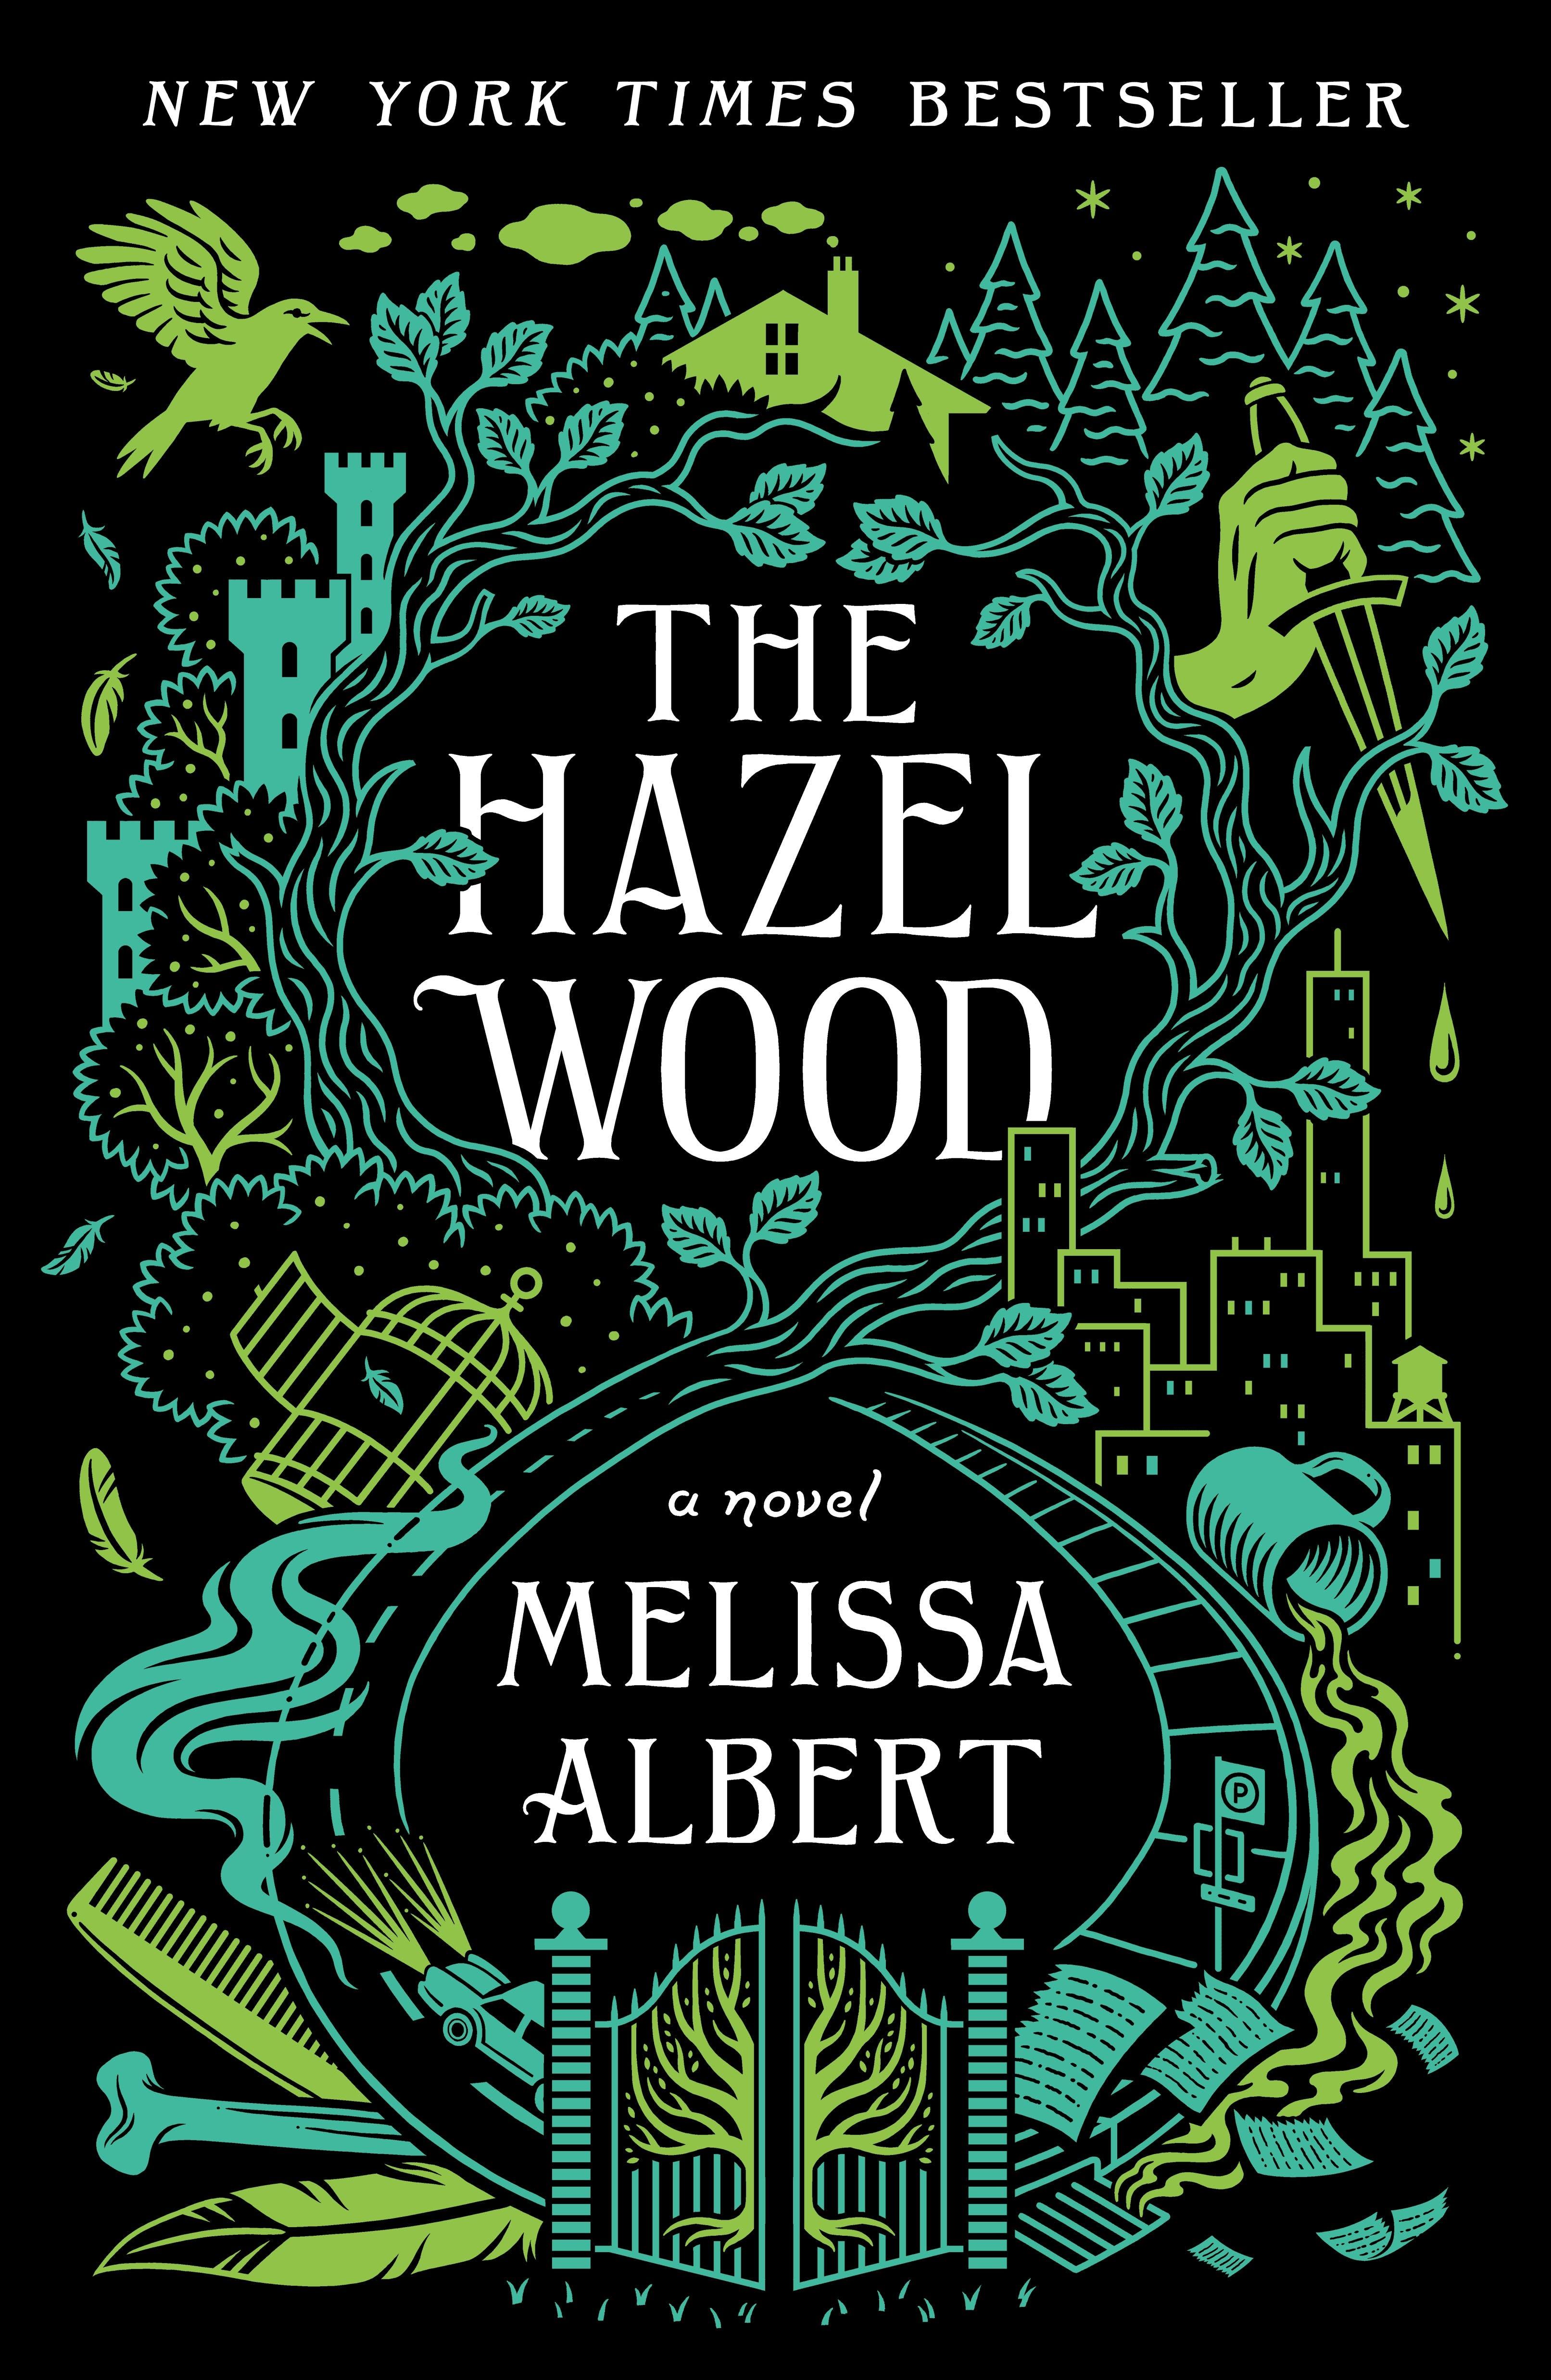 Image of The Hazel Wood